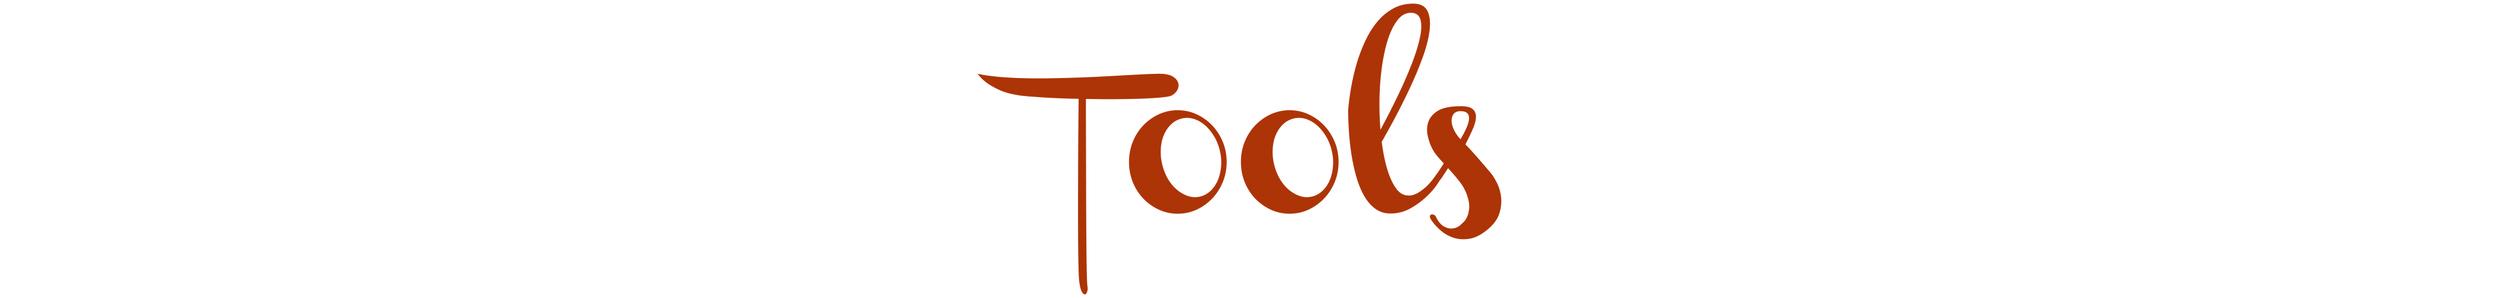 tools-header.jpg